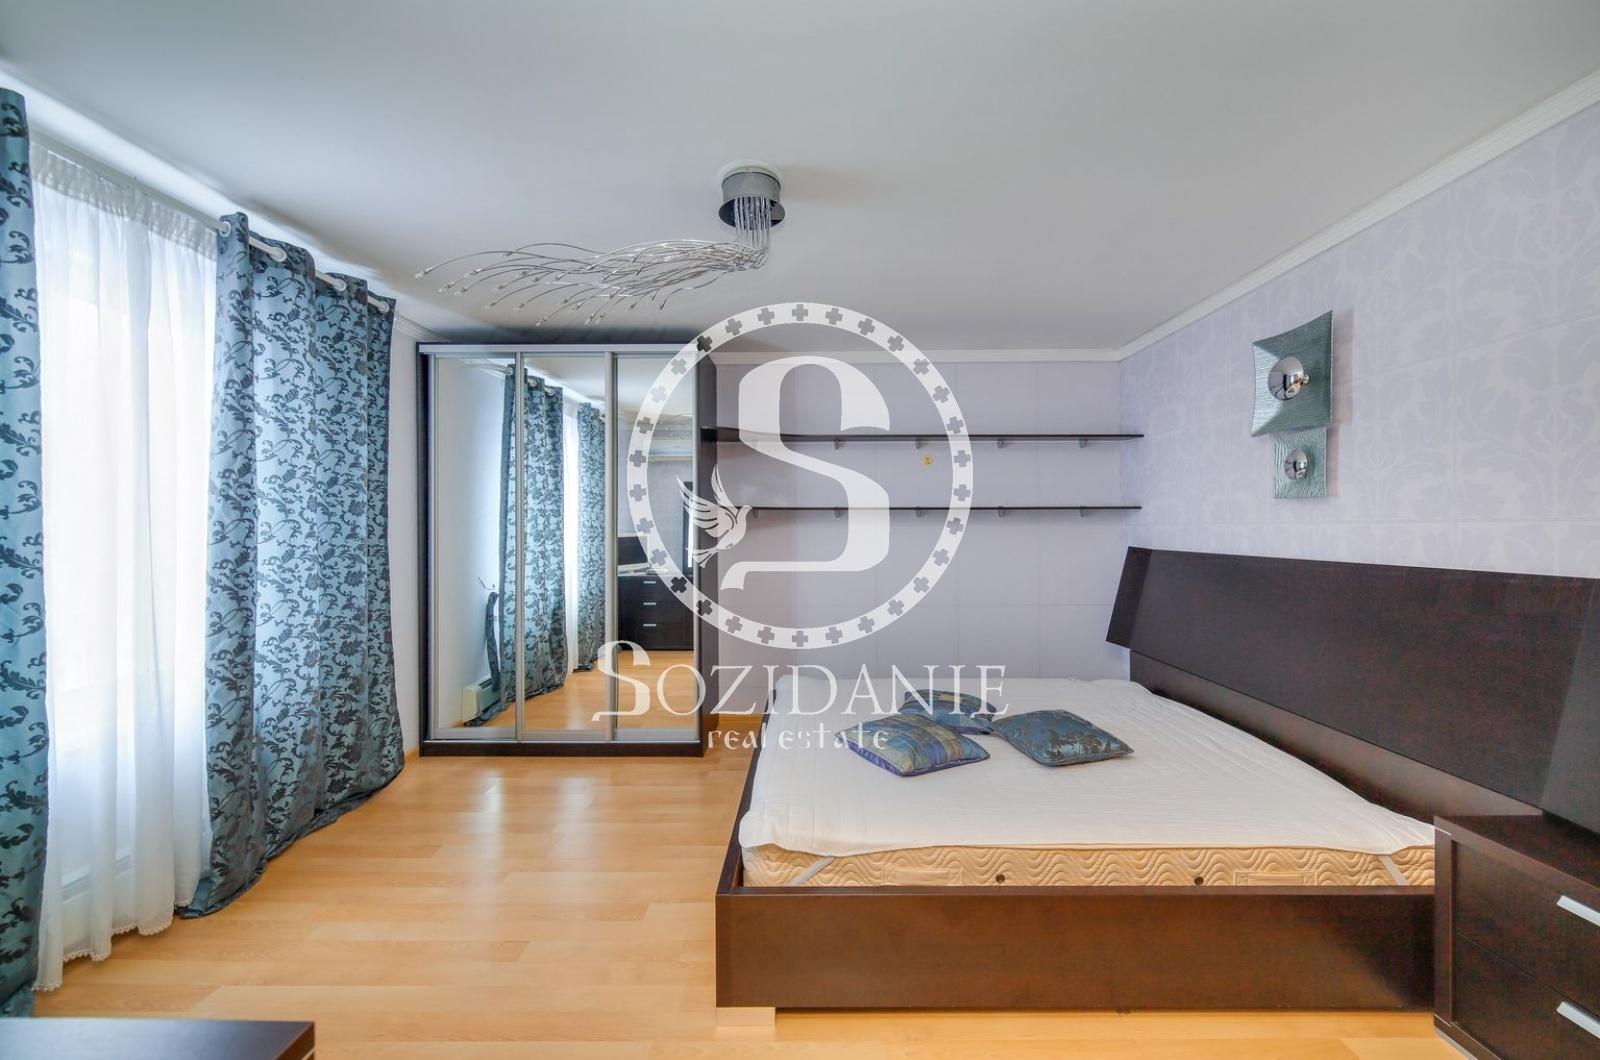 3 Bedrooms, Загородная, Аренда, Listing ID 1544, Московская область, Россия,